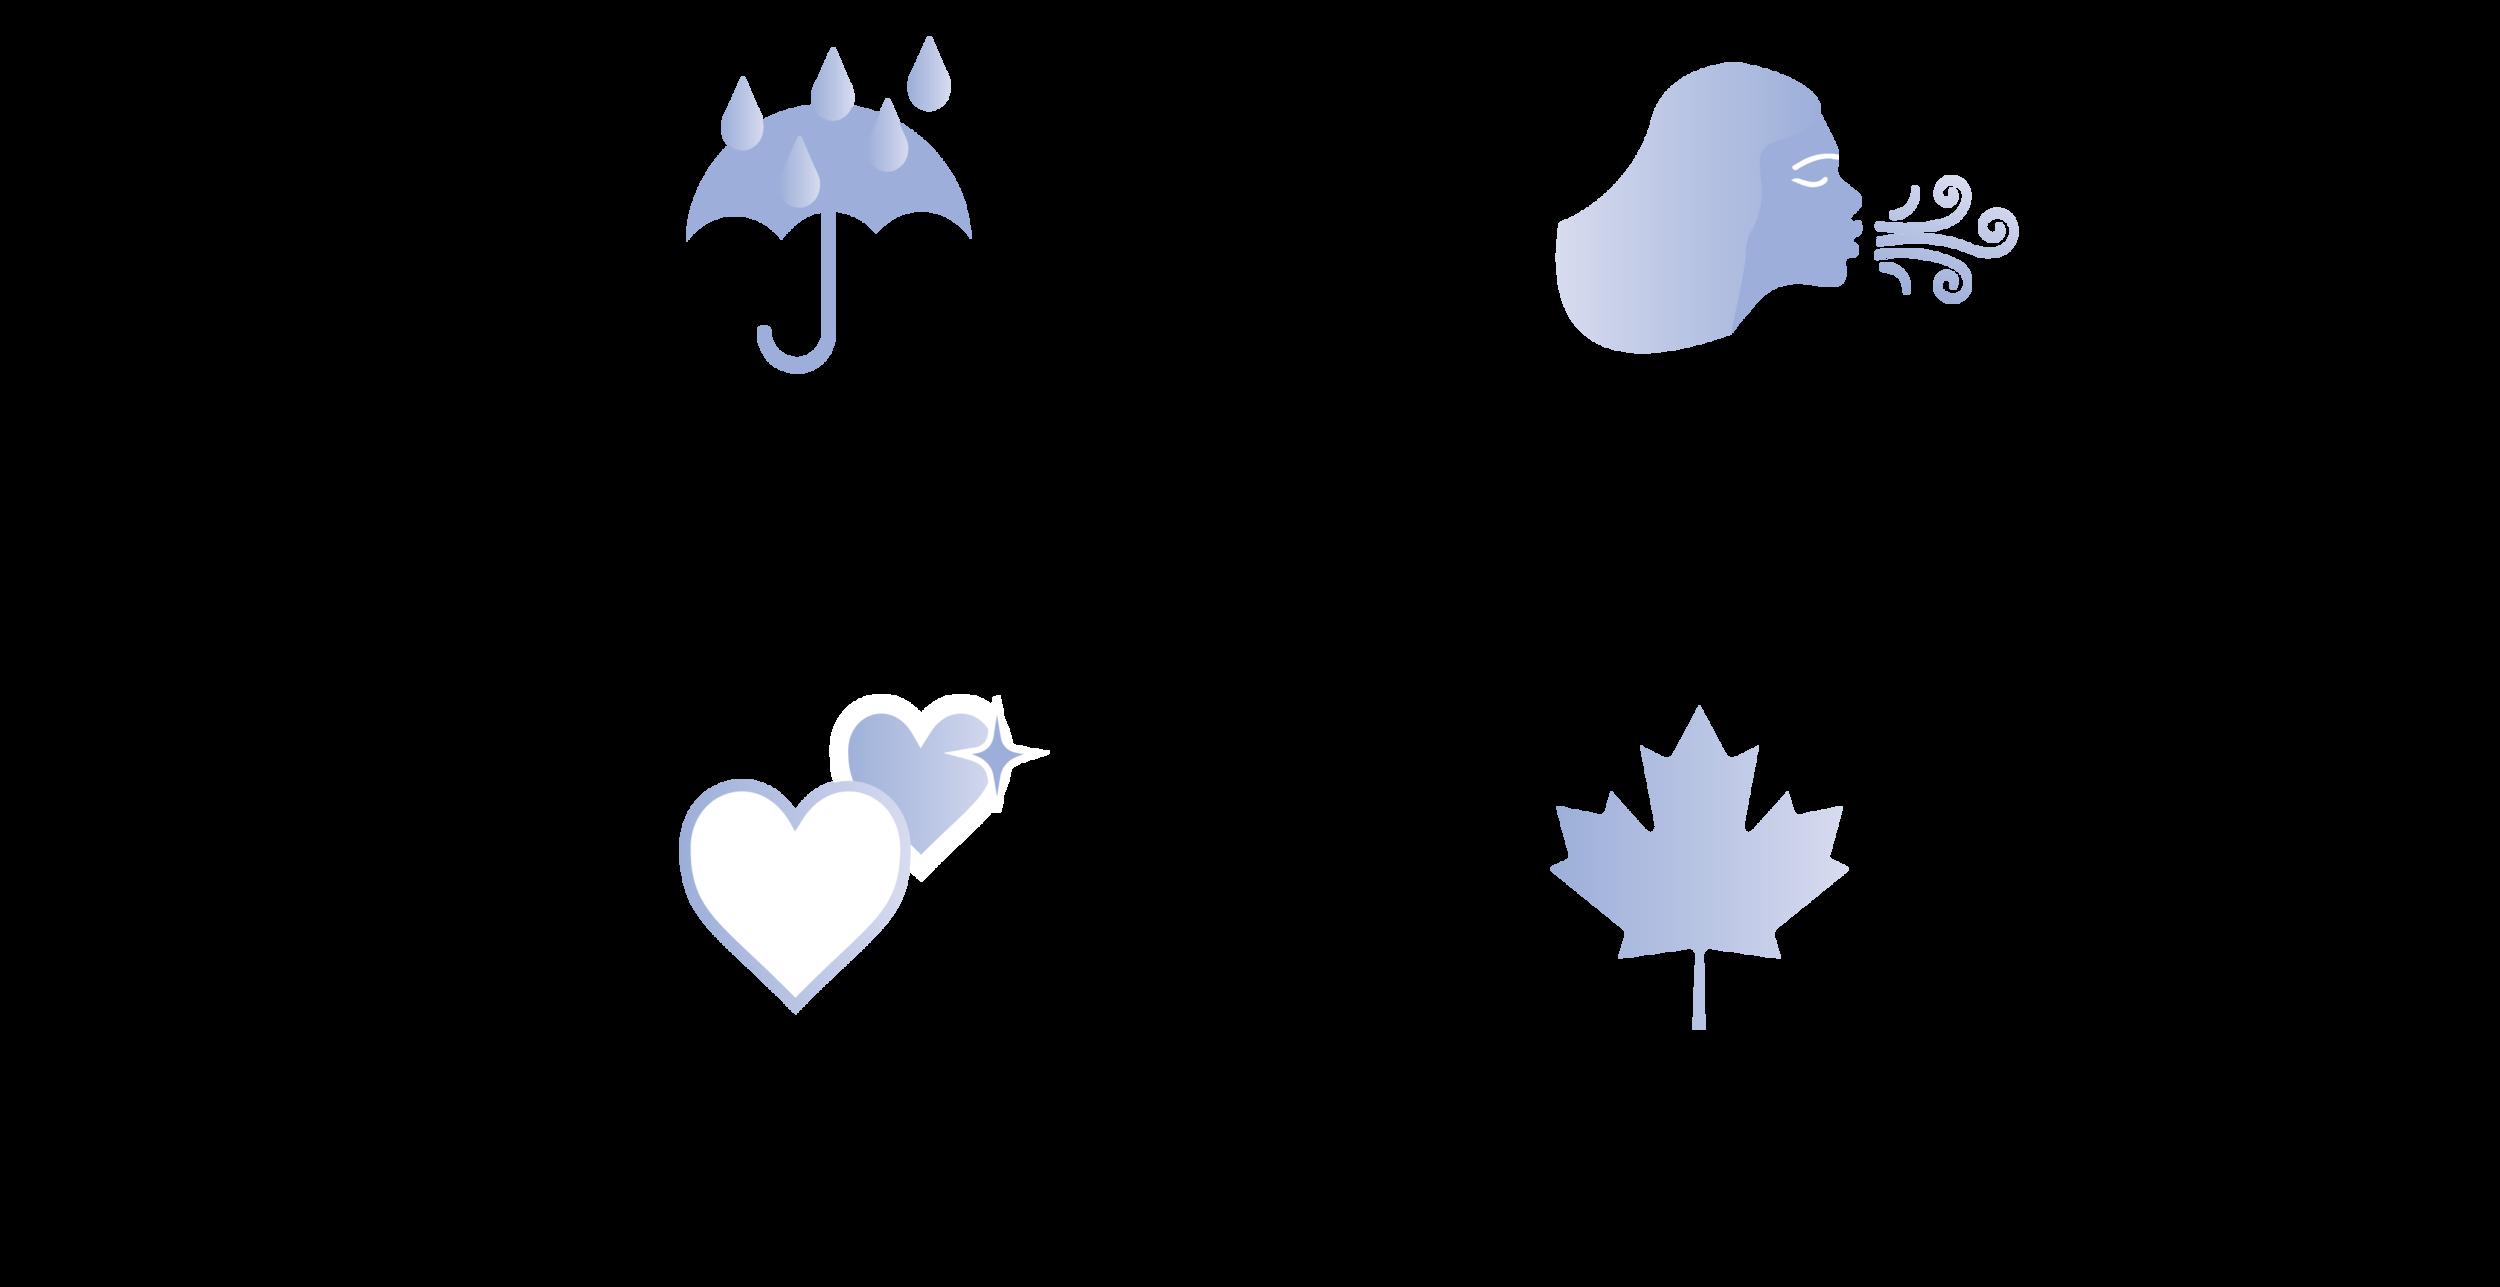 emojis-group-01.png